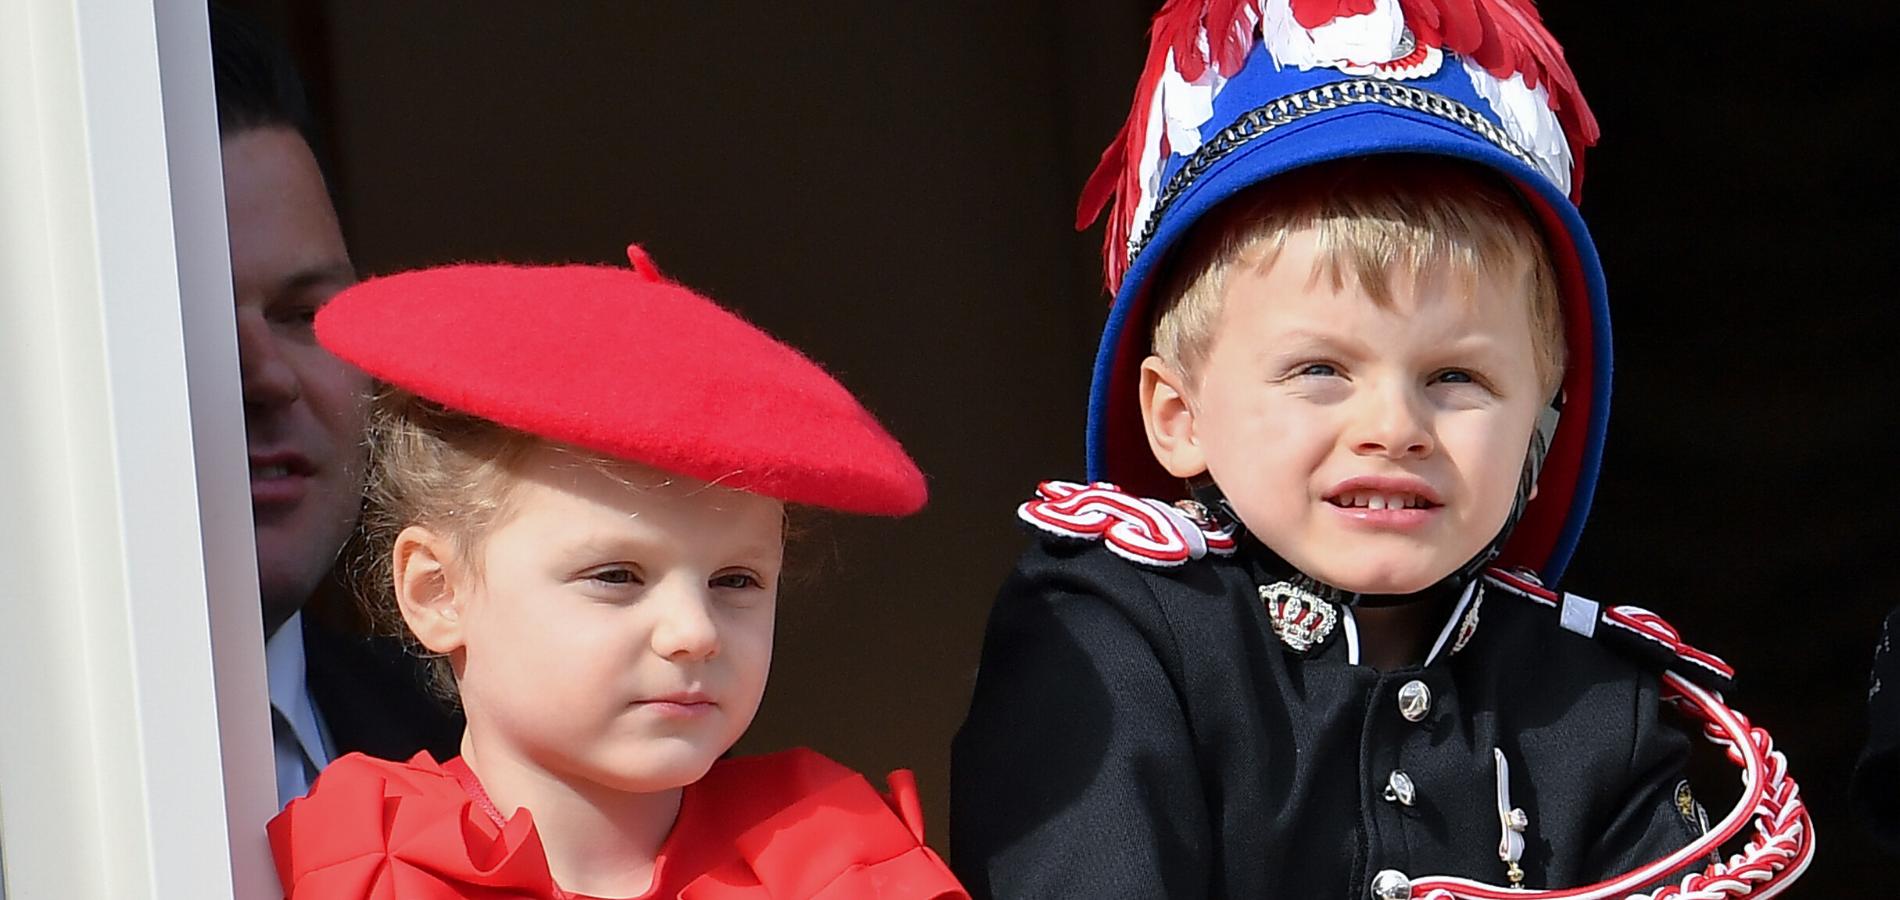 L'apparition très symbolique de Jacques de Monaco, 4 ans, sur le balcon du palais princier